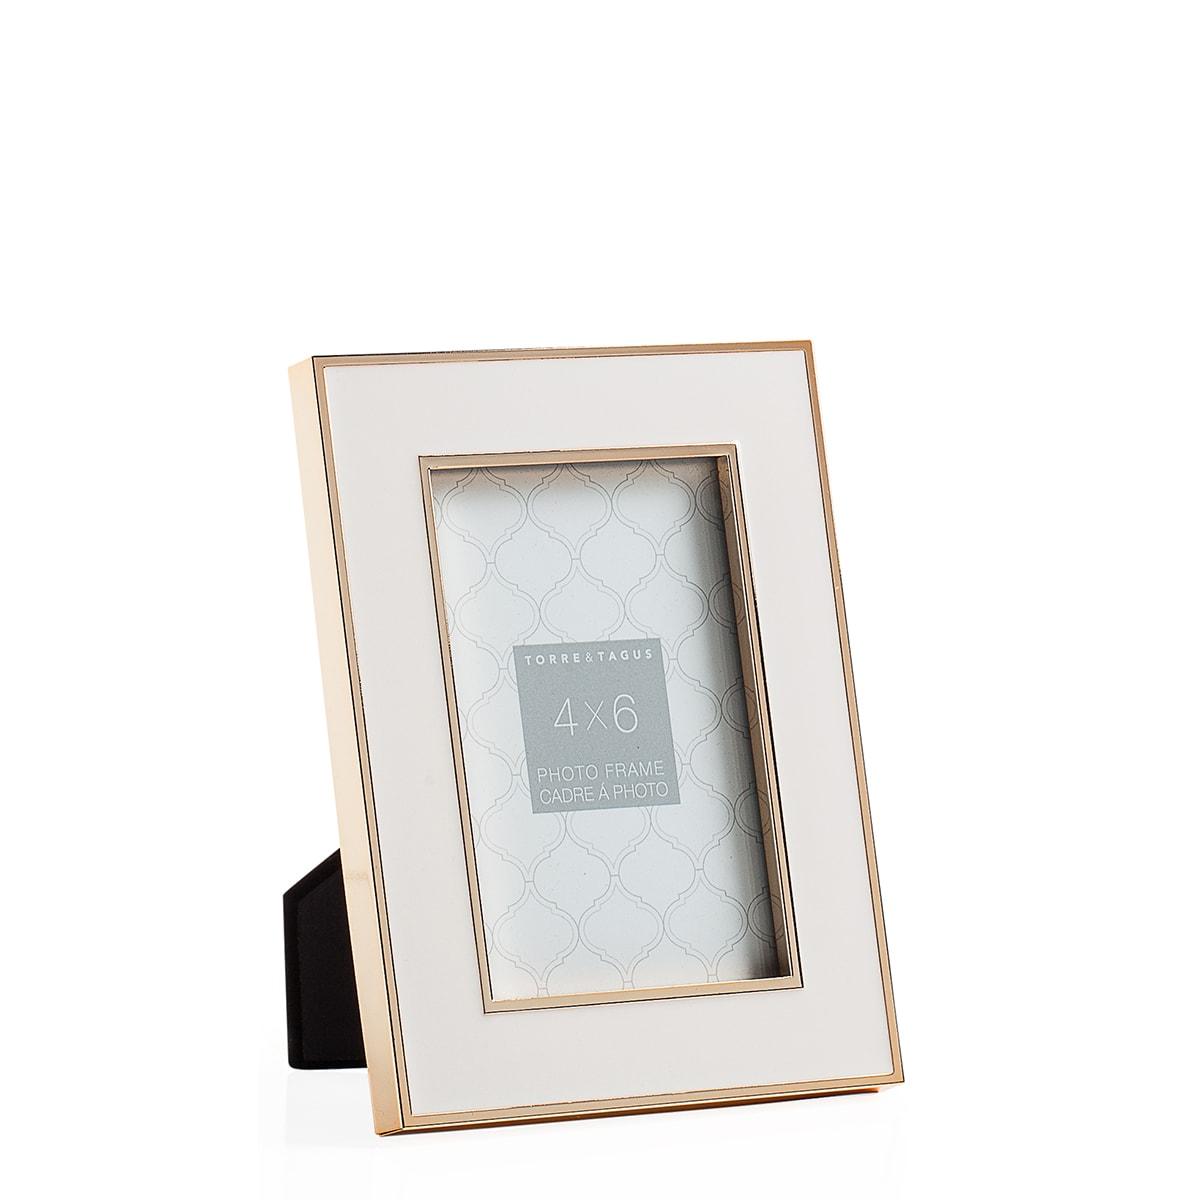 Regis Gold Trim White Enamel Frames | alvaluz.com